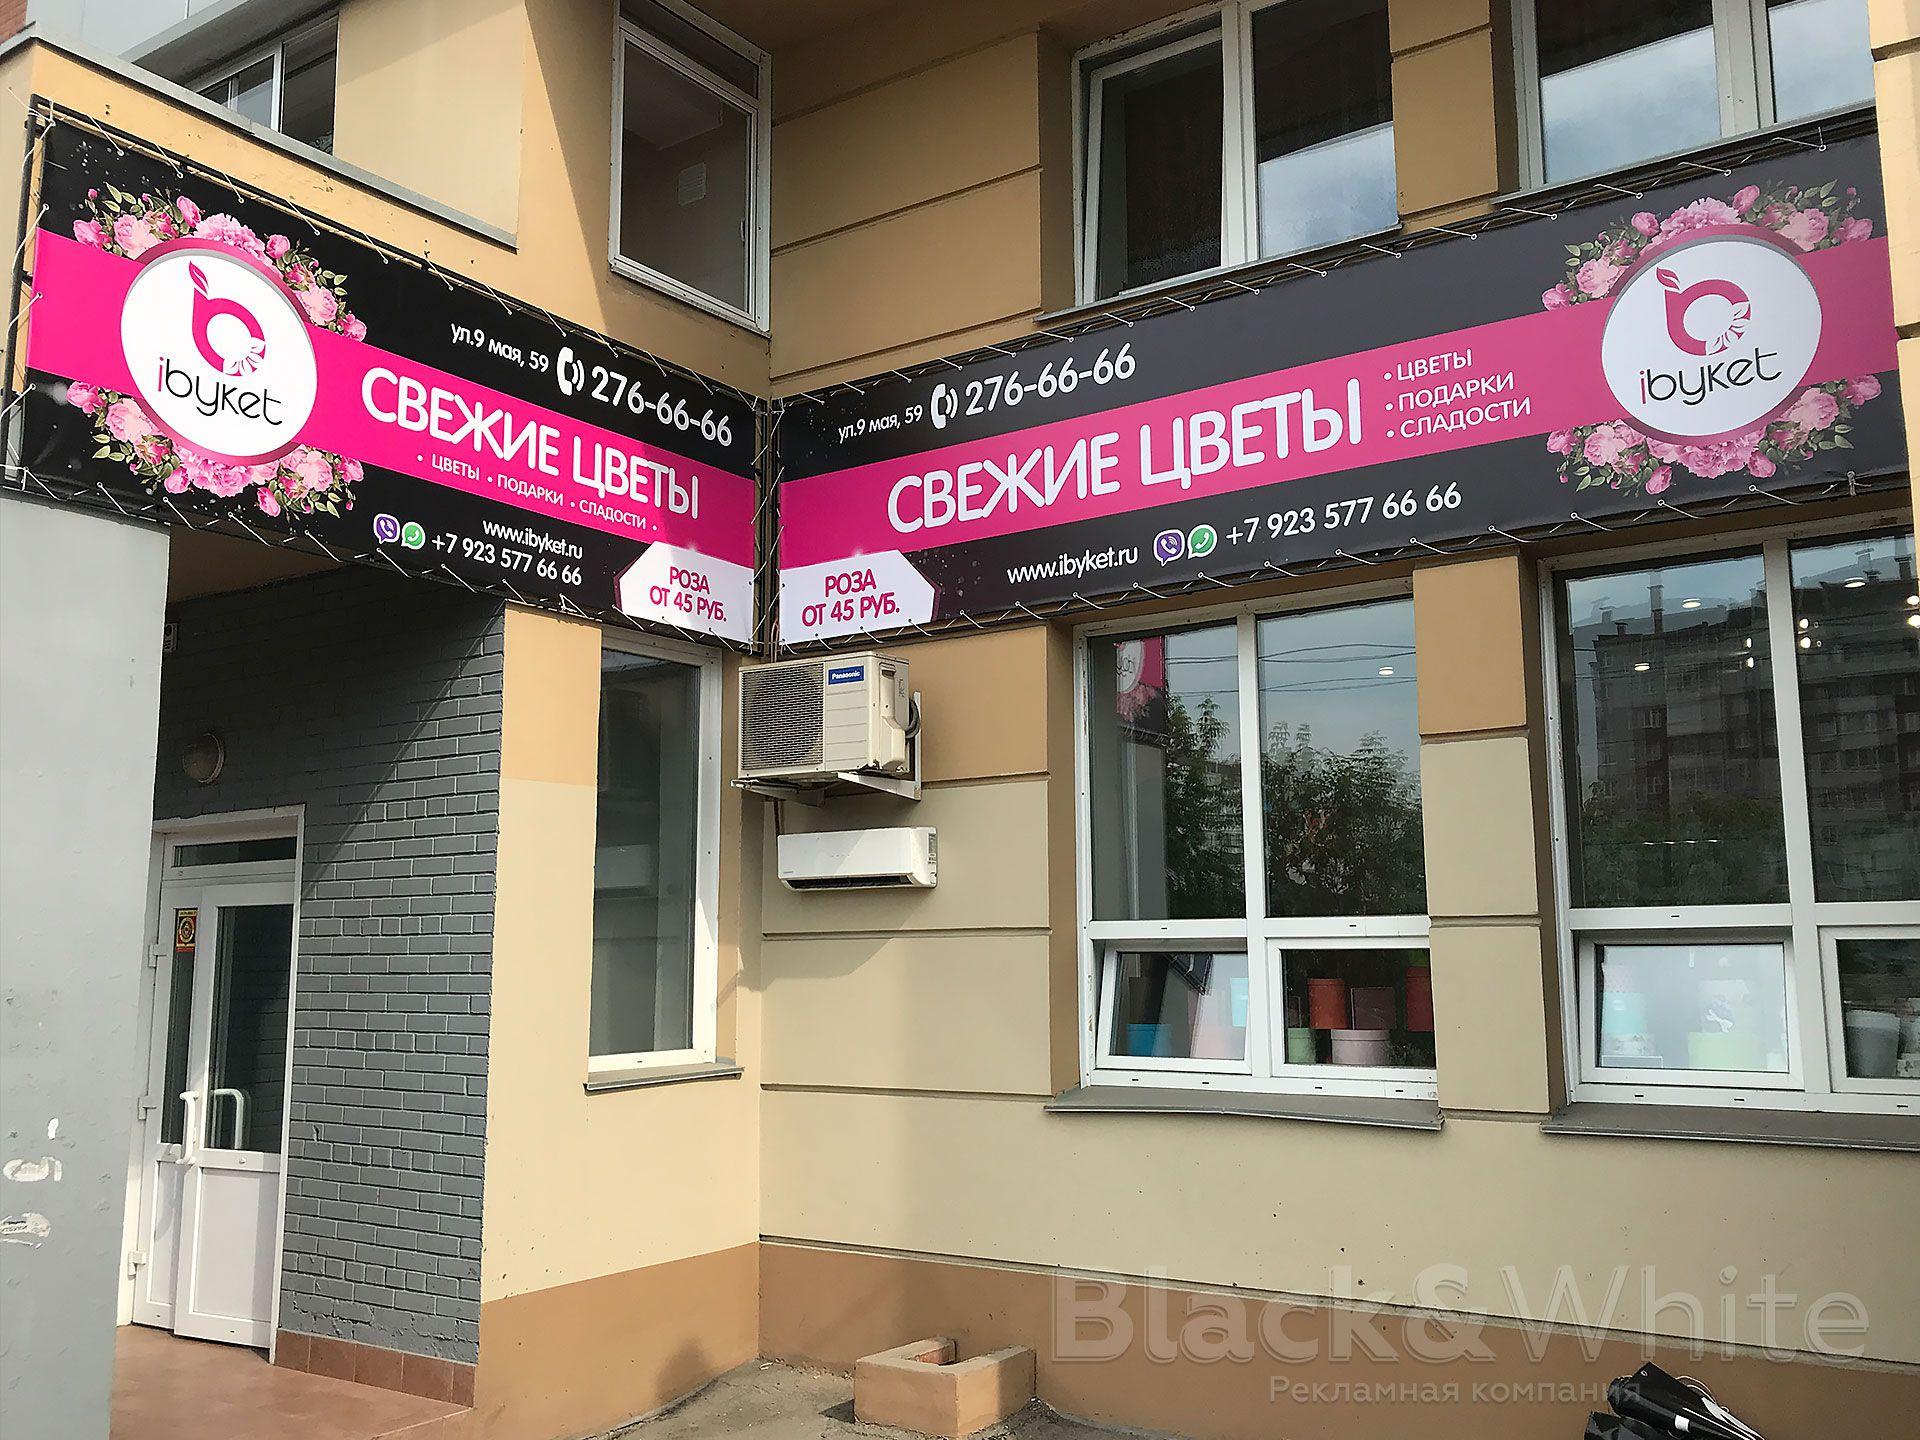 Печать-на-баннере-в-Красноярске.jpg